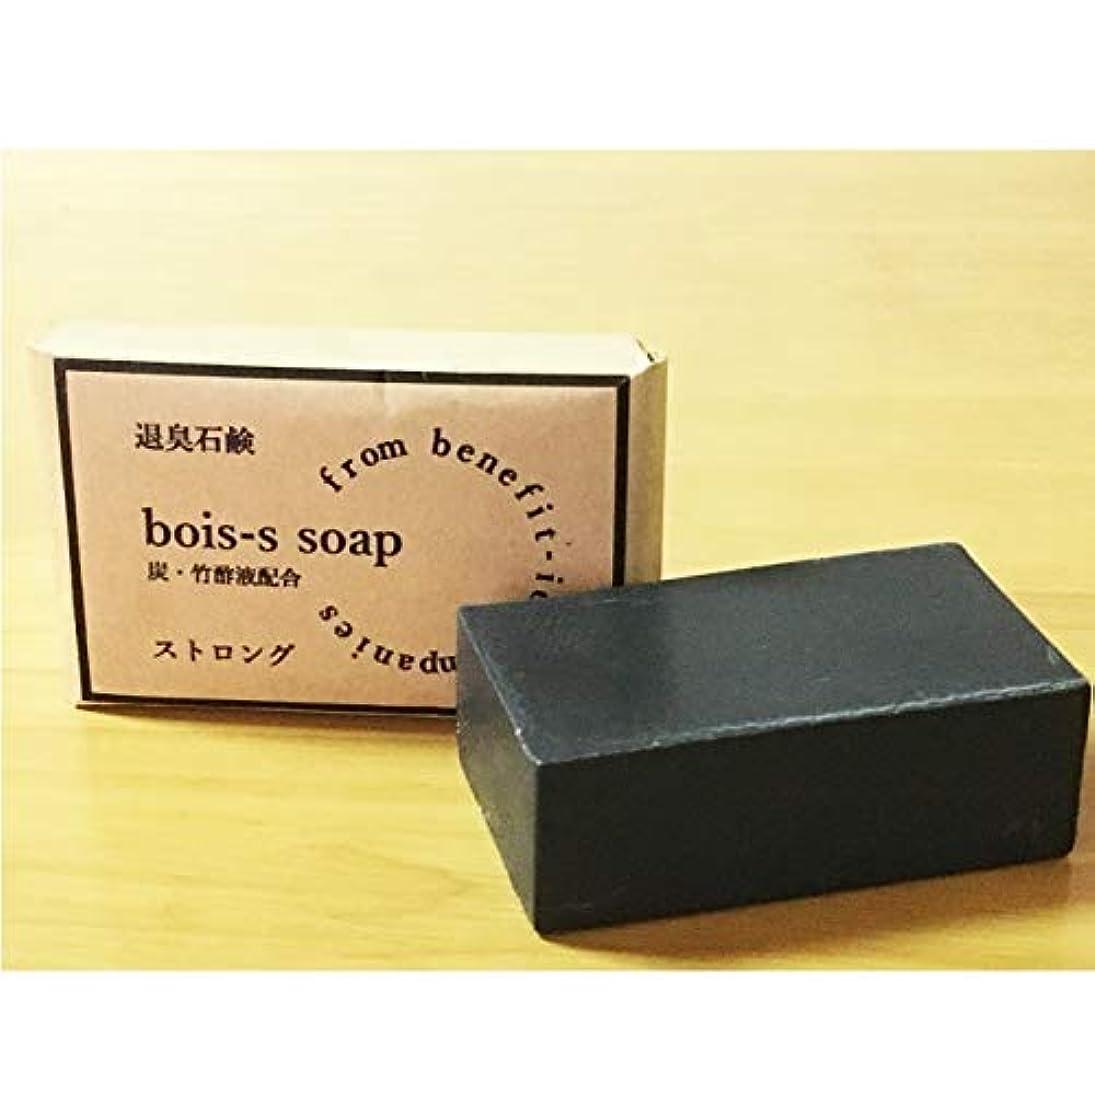 bois-s 退臭石鹸ボイスソープ ストロング